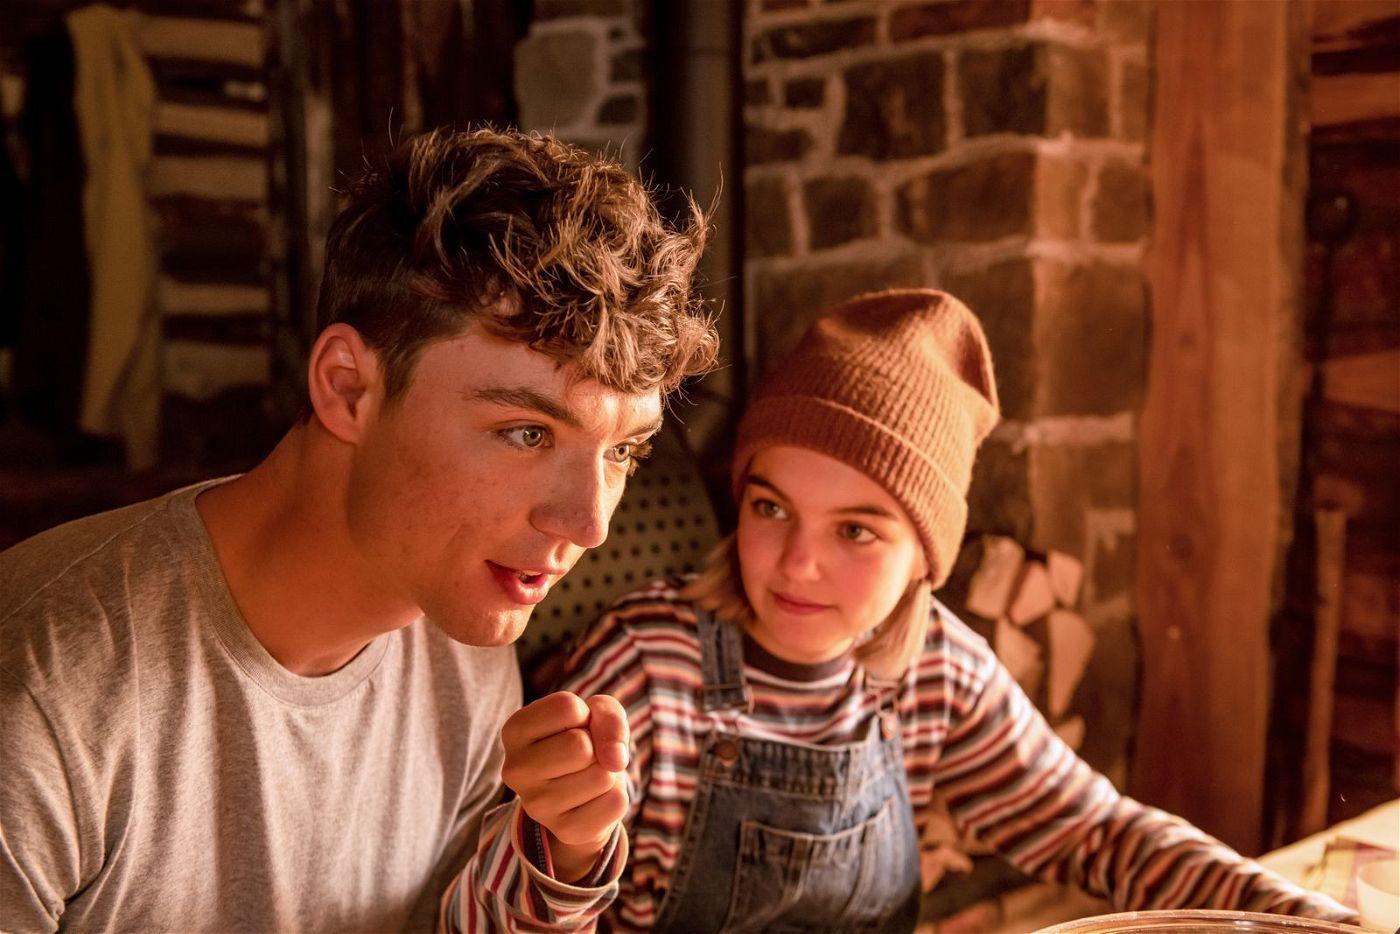 Ist es nun Danny oder ist es Ludwig? Dannys Pflegeschwester Lilly (Luna Marie Maxeiner) schöpft Verdacht.